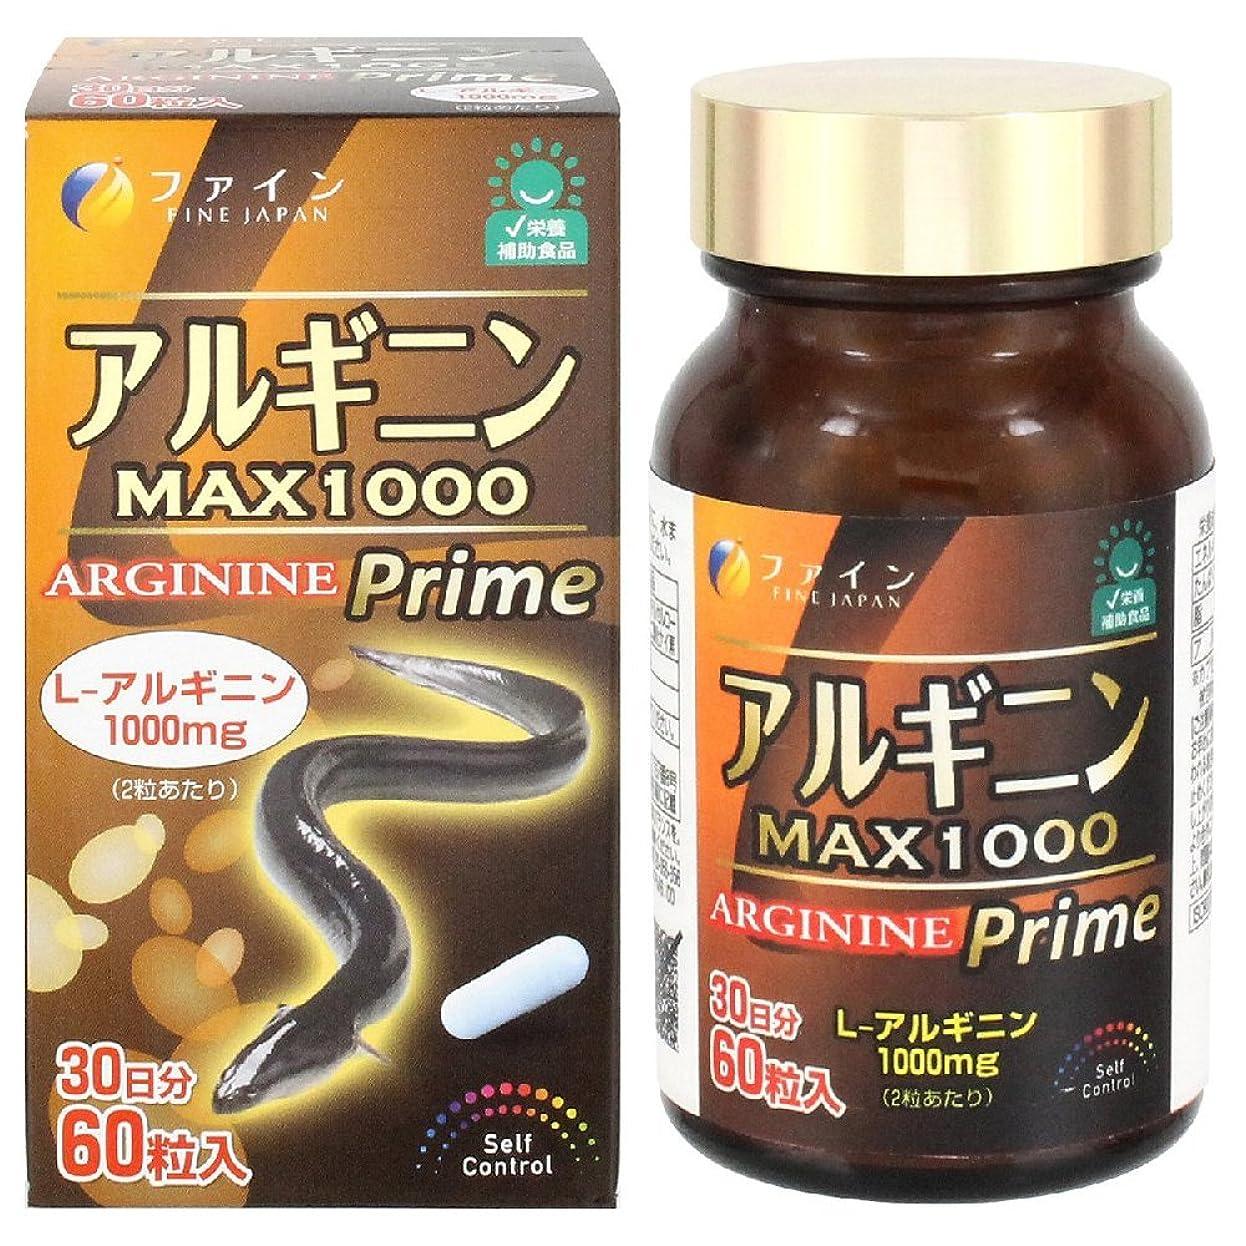 うまハントラップファイン アルギニンMAX1000 L-アルギニン1,000mg配合 30日分(1日2粒/60粒入)